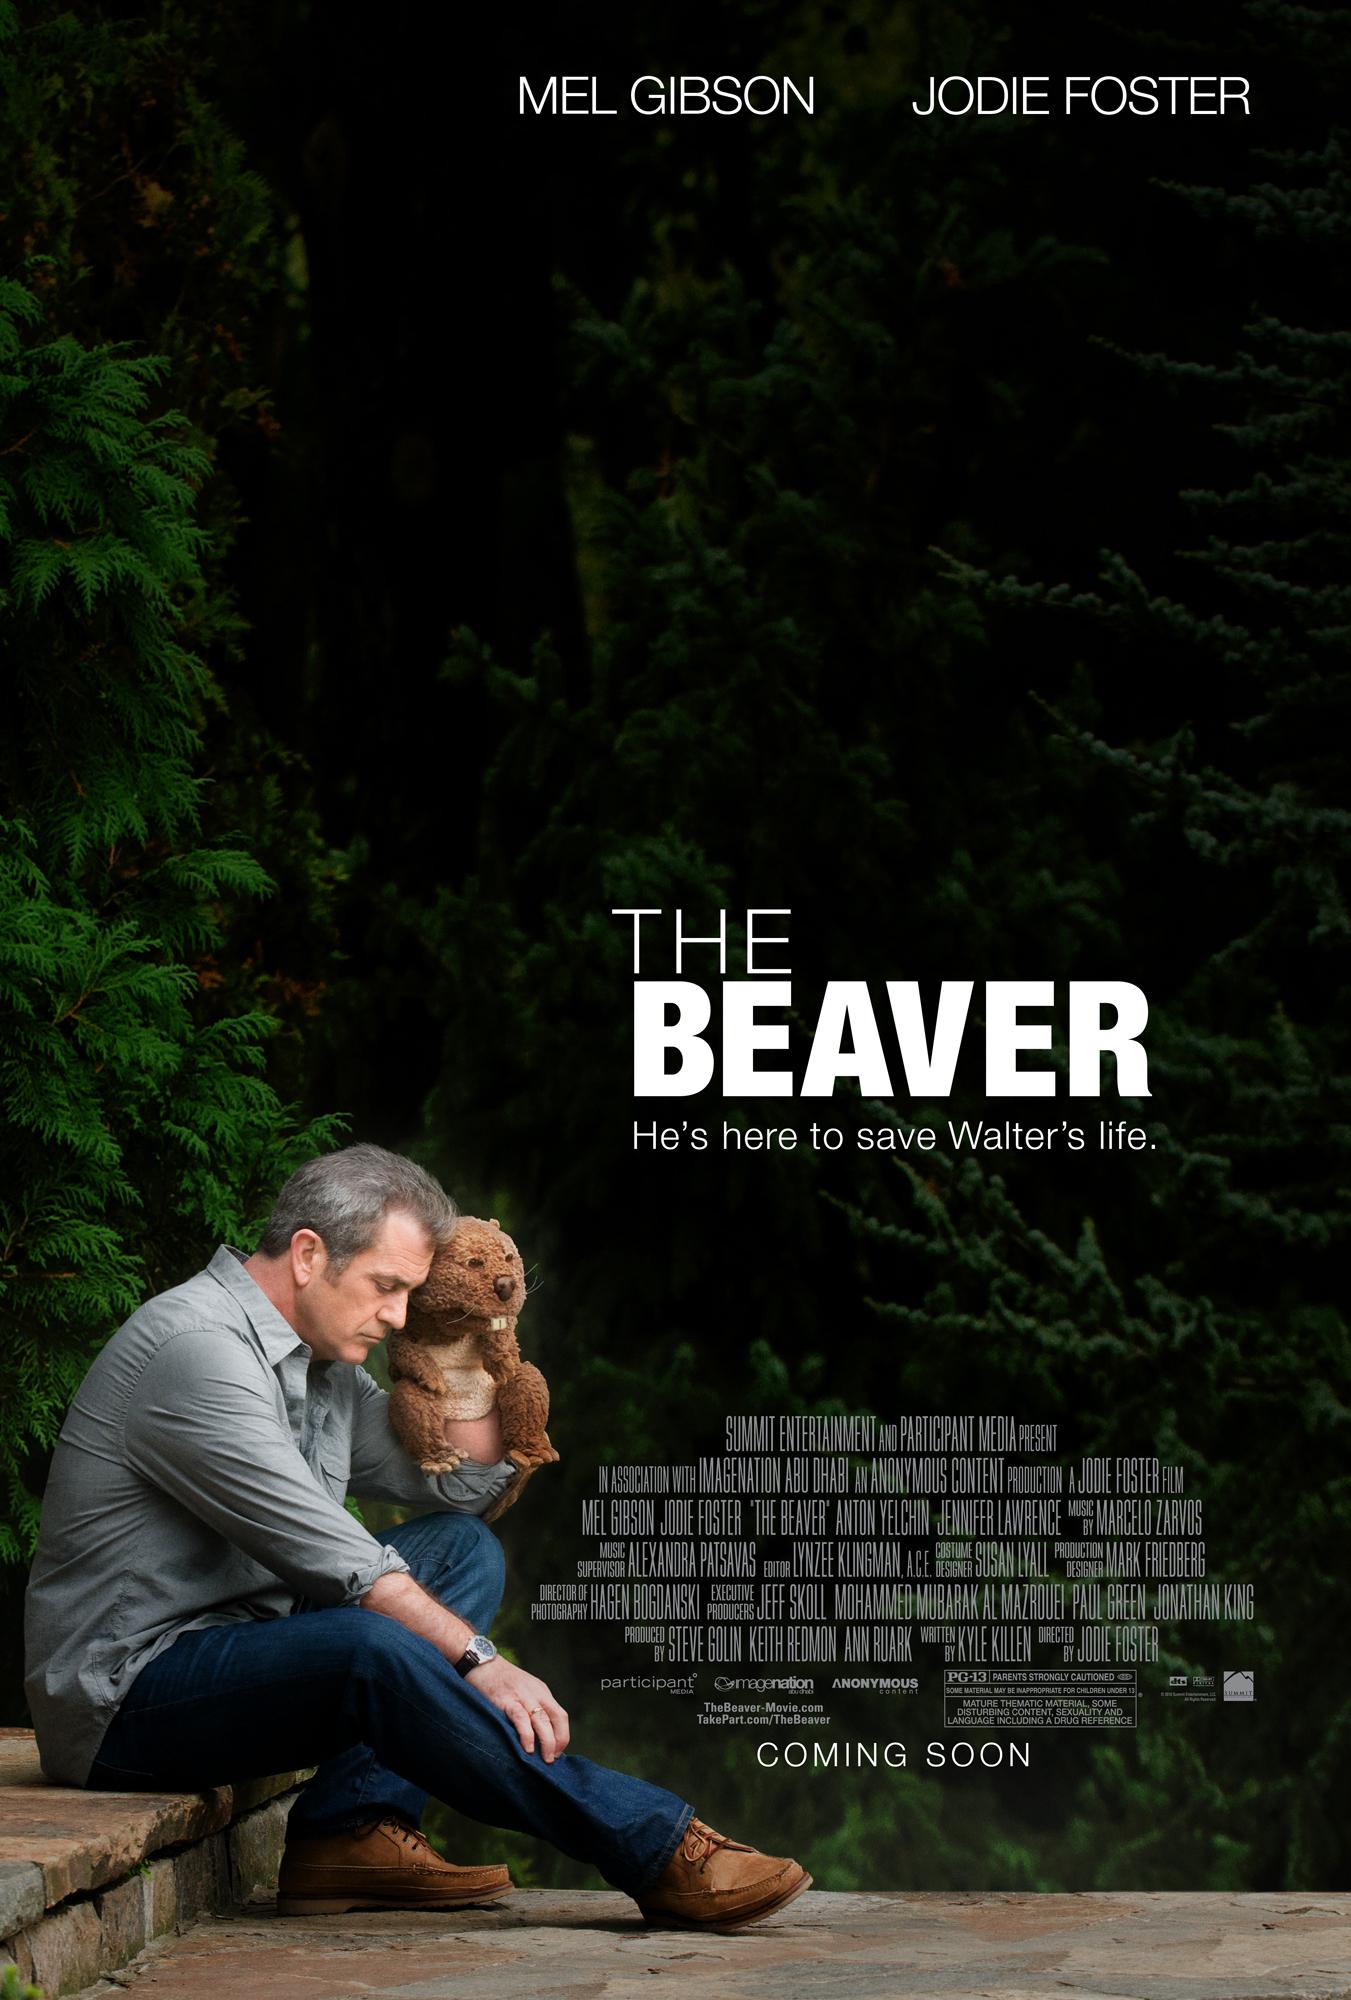 ดูหนังออนไลน์ The Beaver (2011)